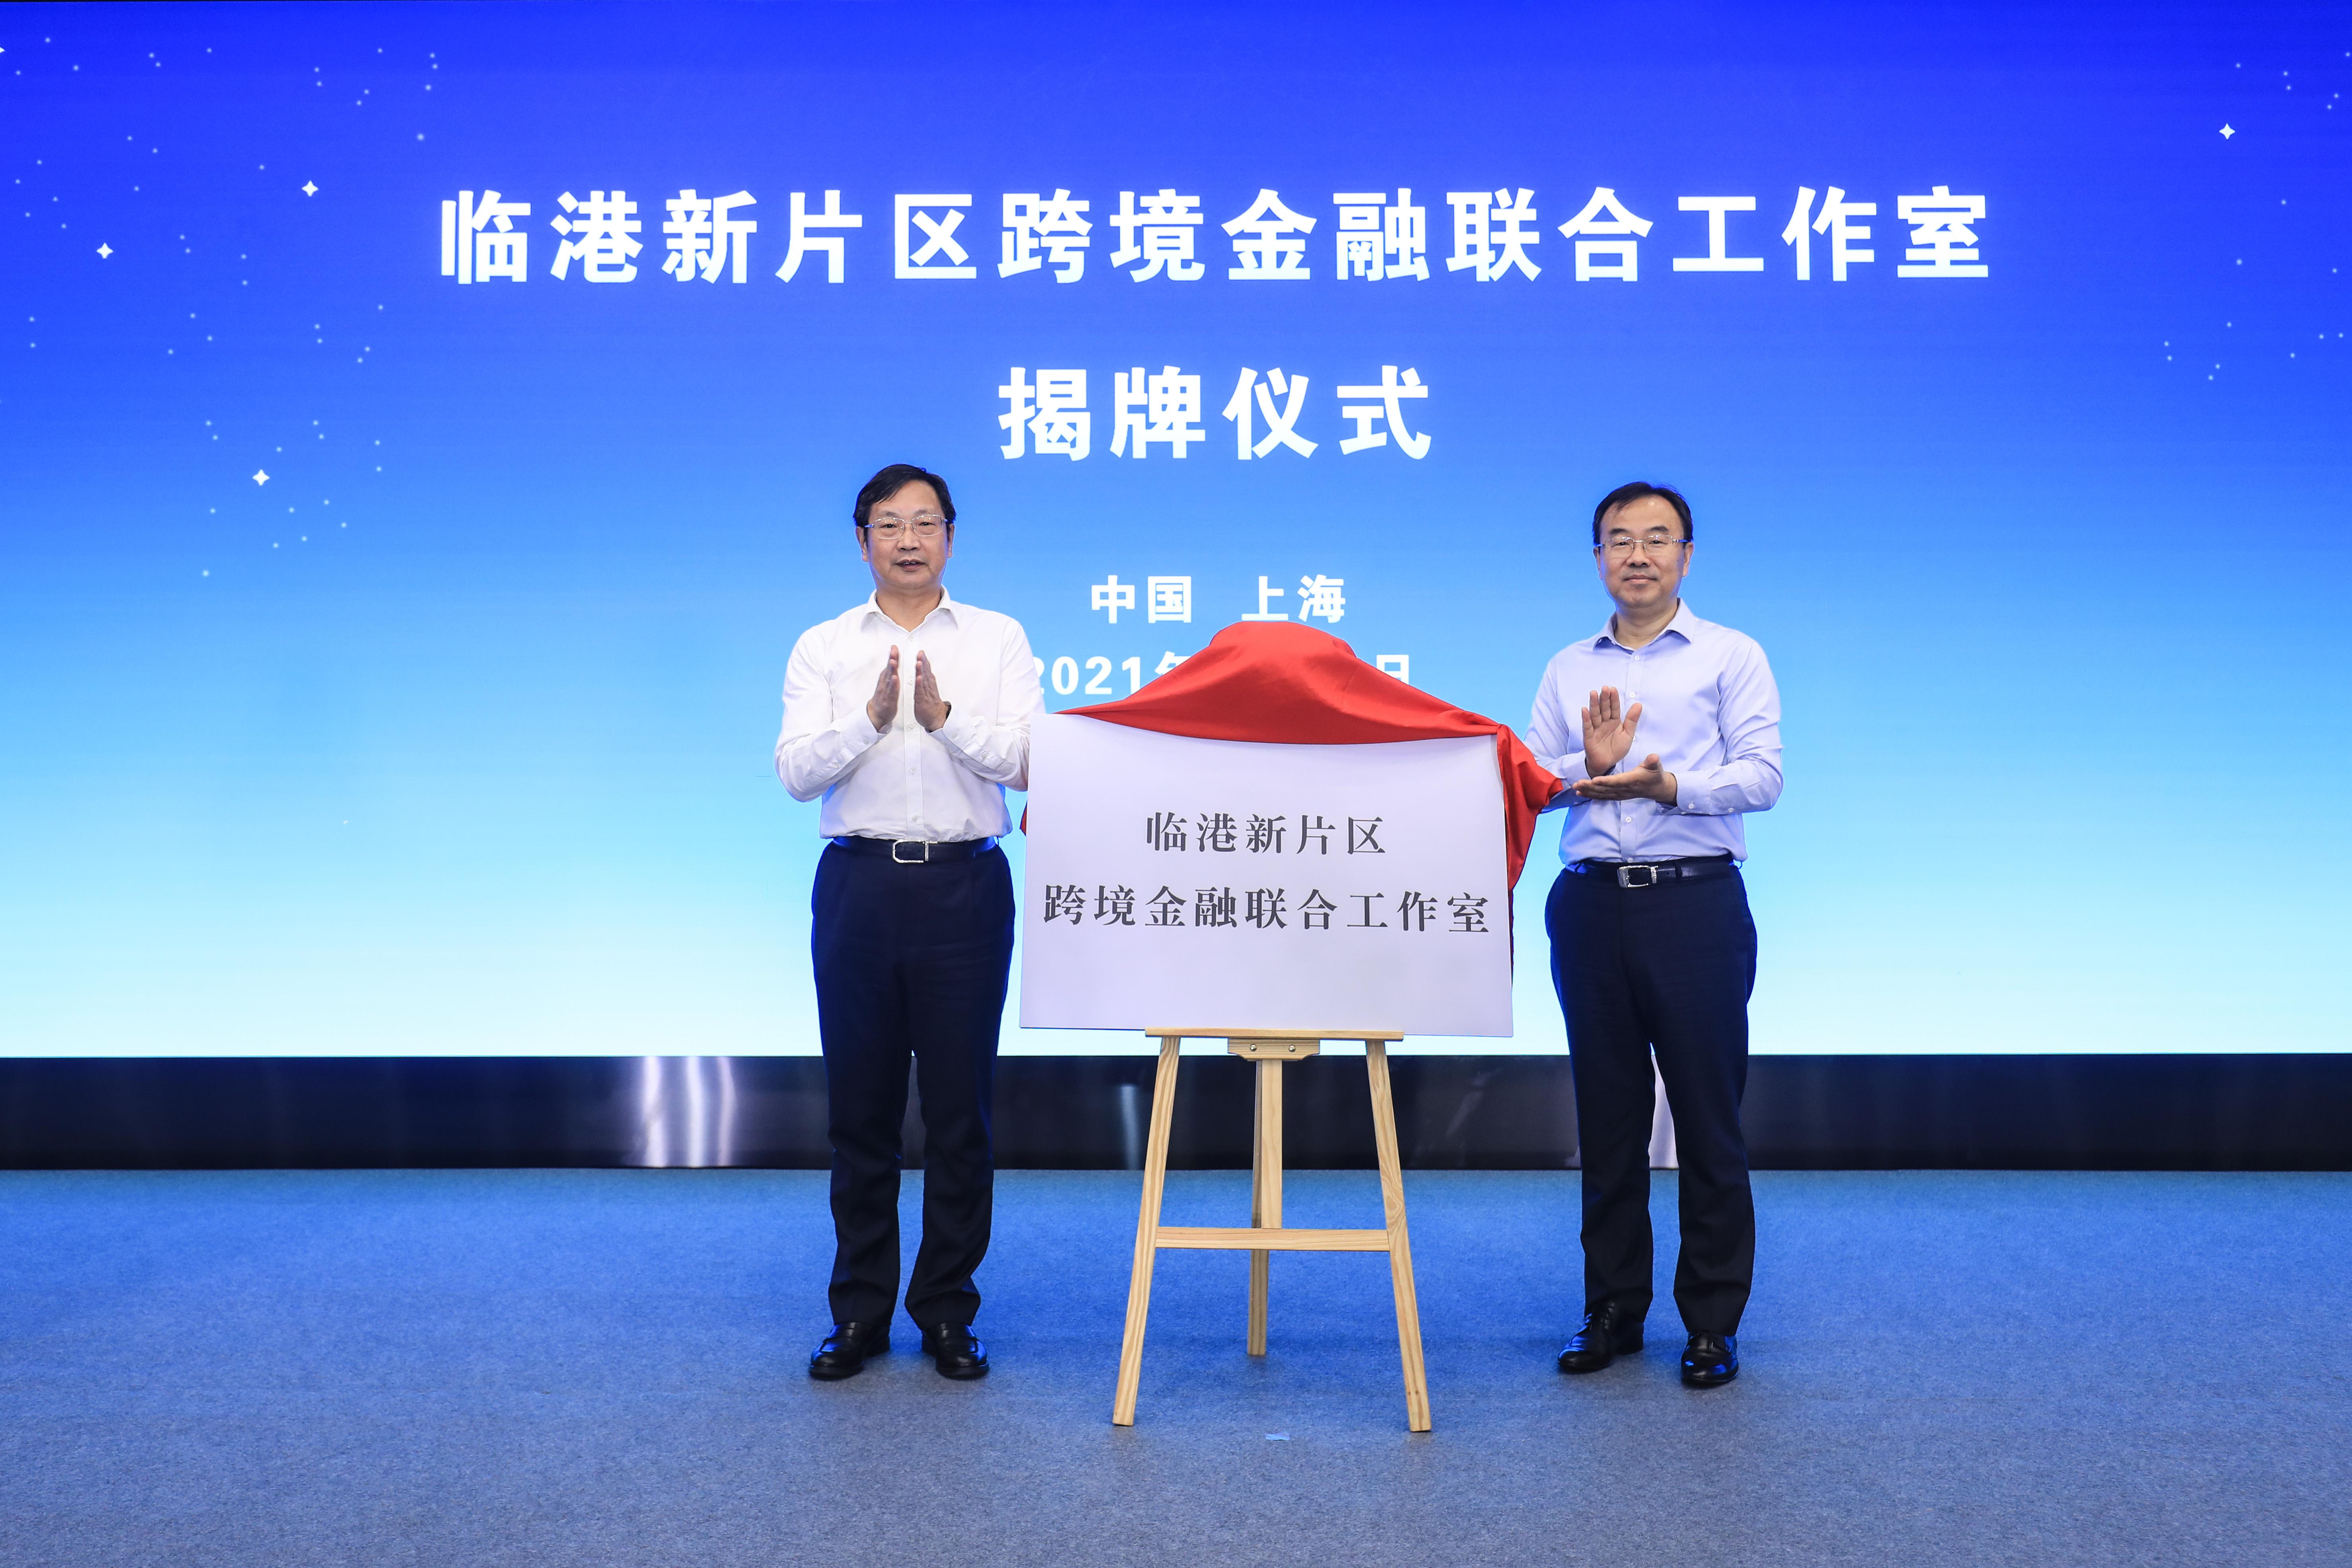 必晟娱乐新闻:临港新片区跨境金融创新业务战略合作正式启动